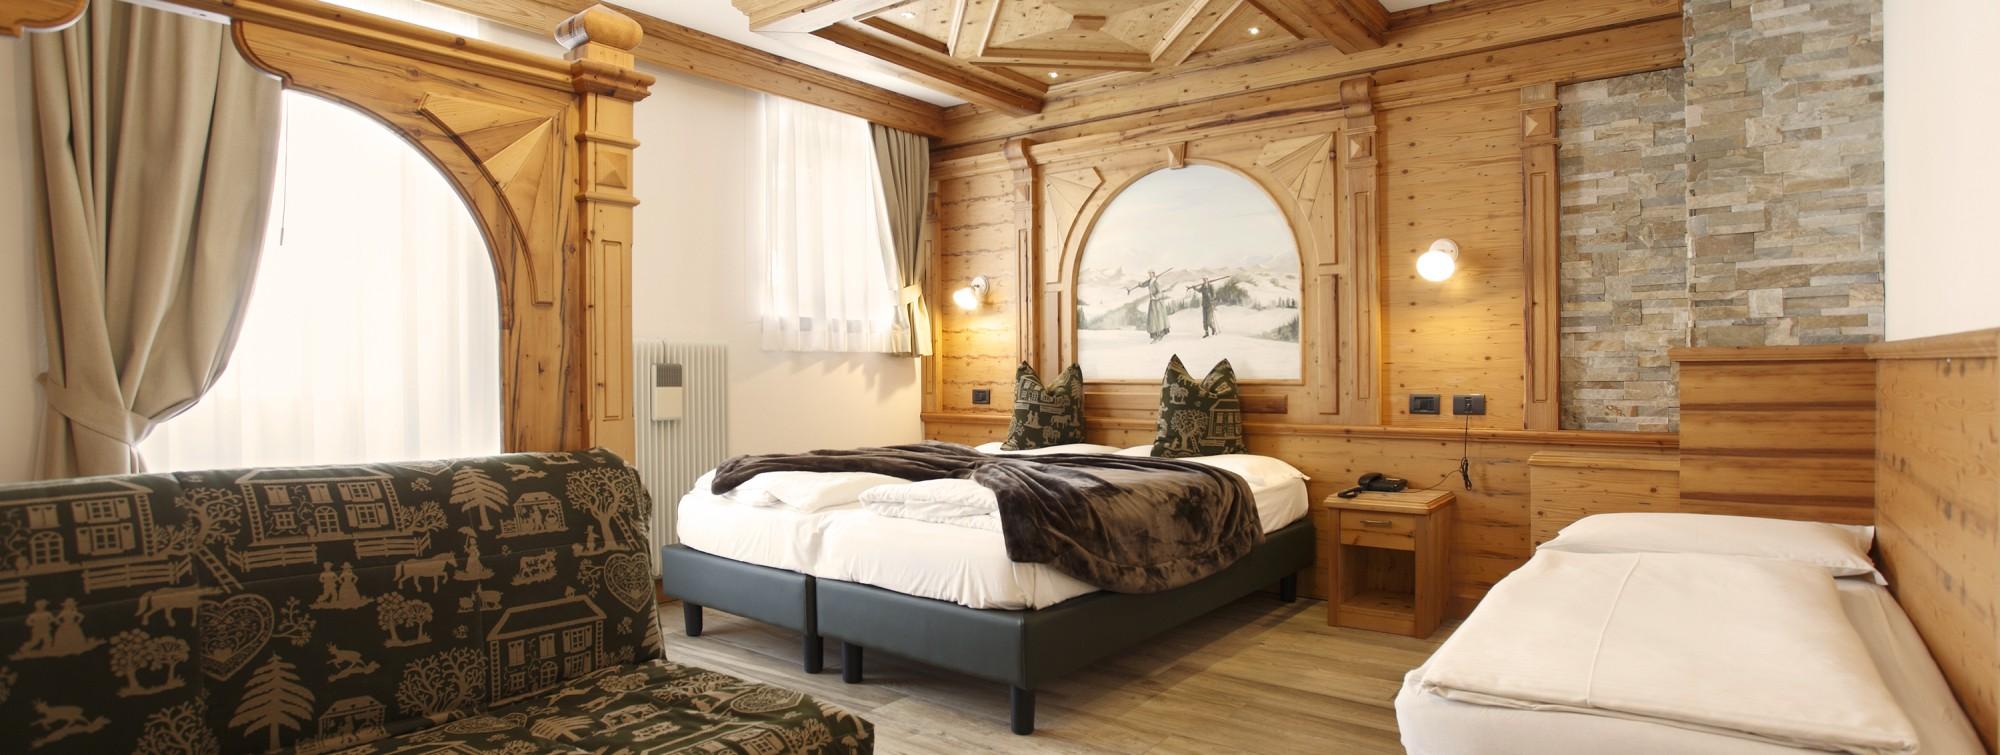 Alpin Junior Suite